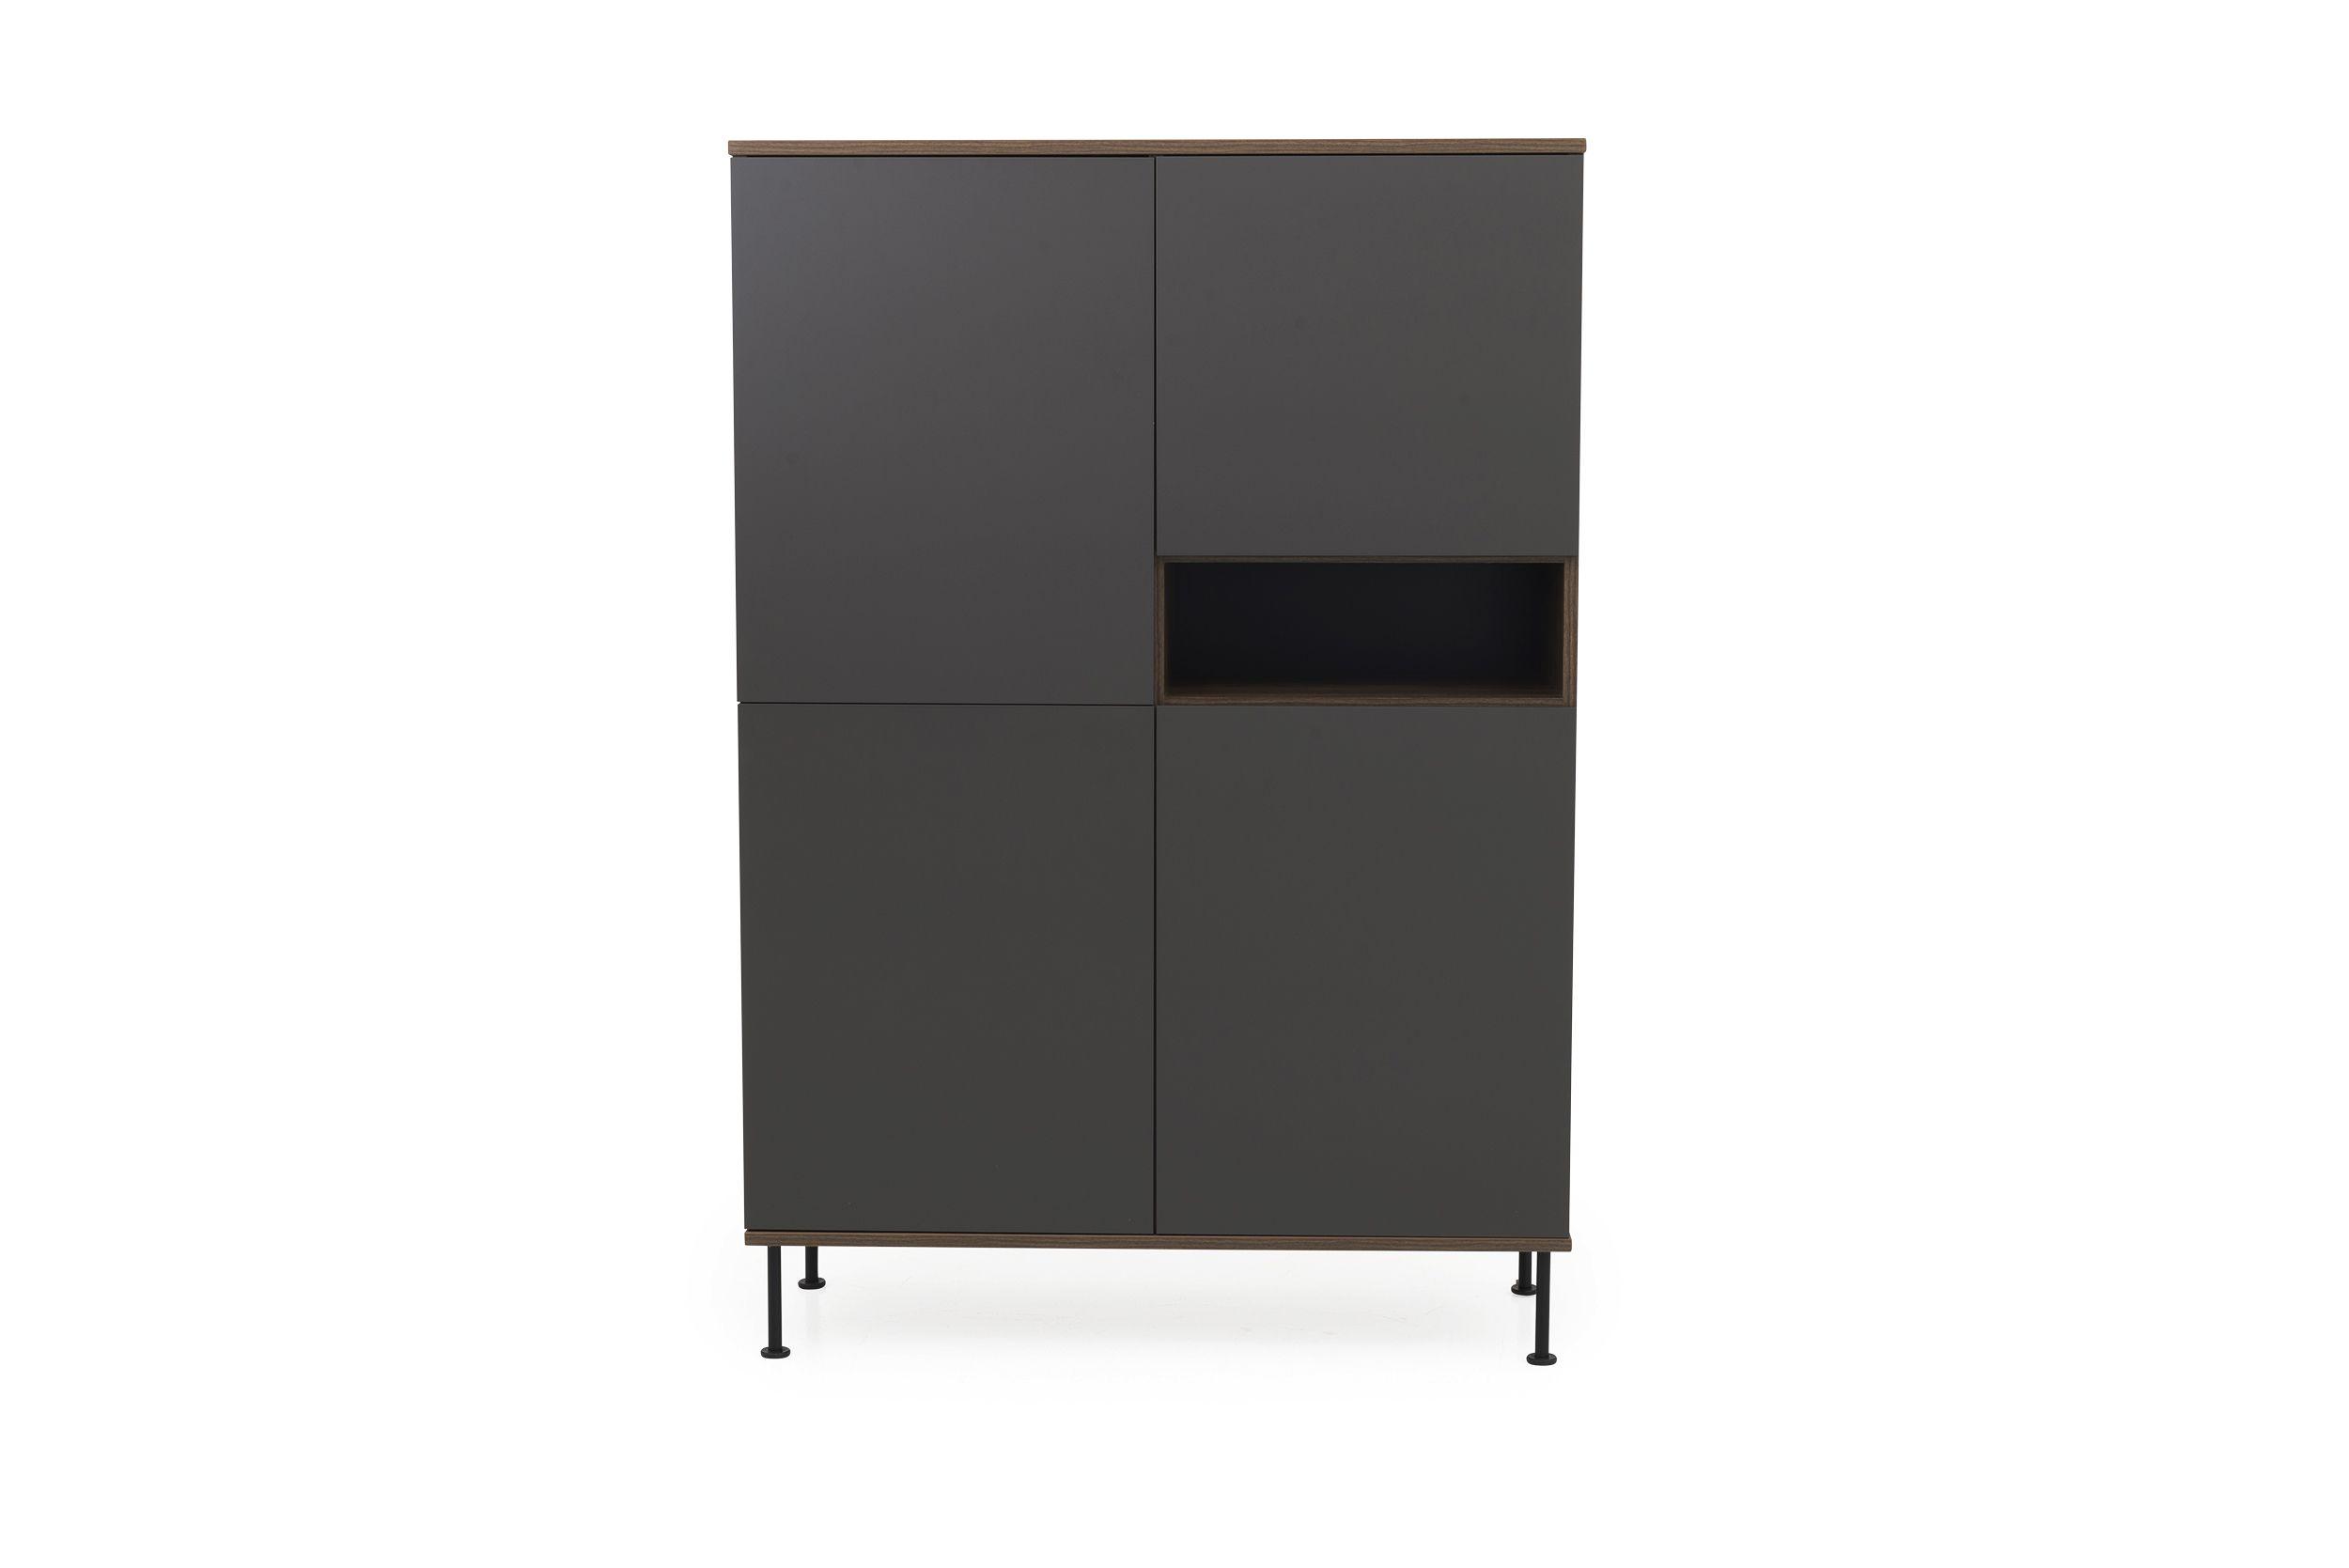 boliden-daxx-cabinet-bergkast-wandkast